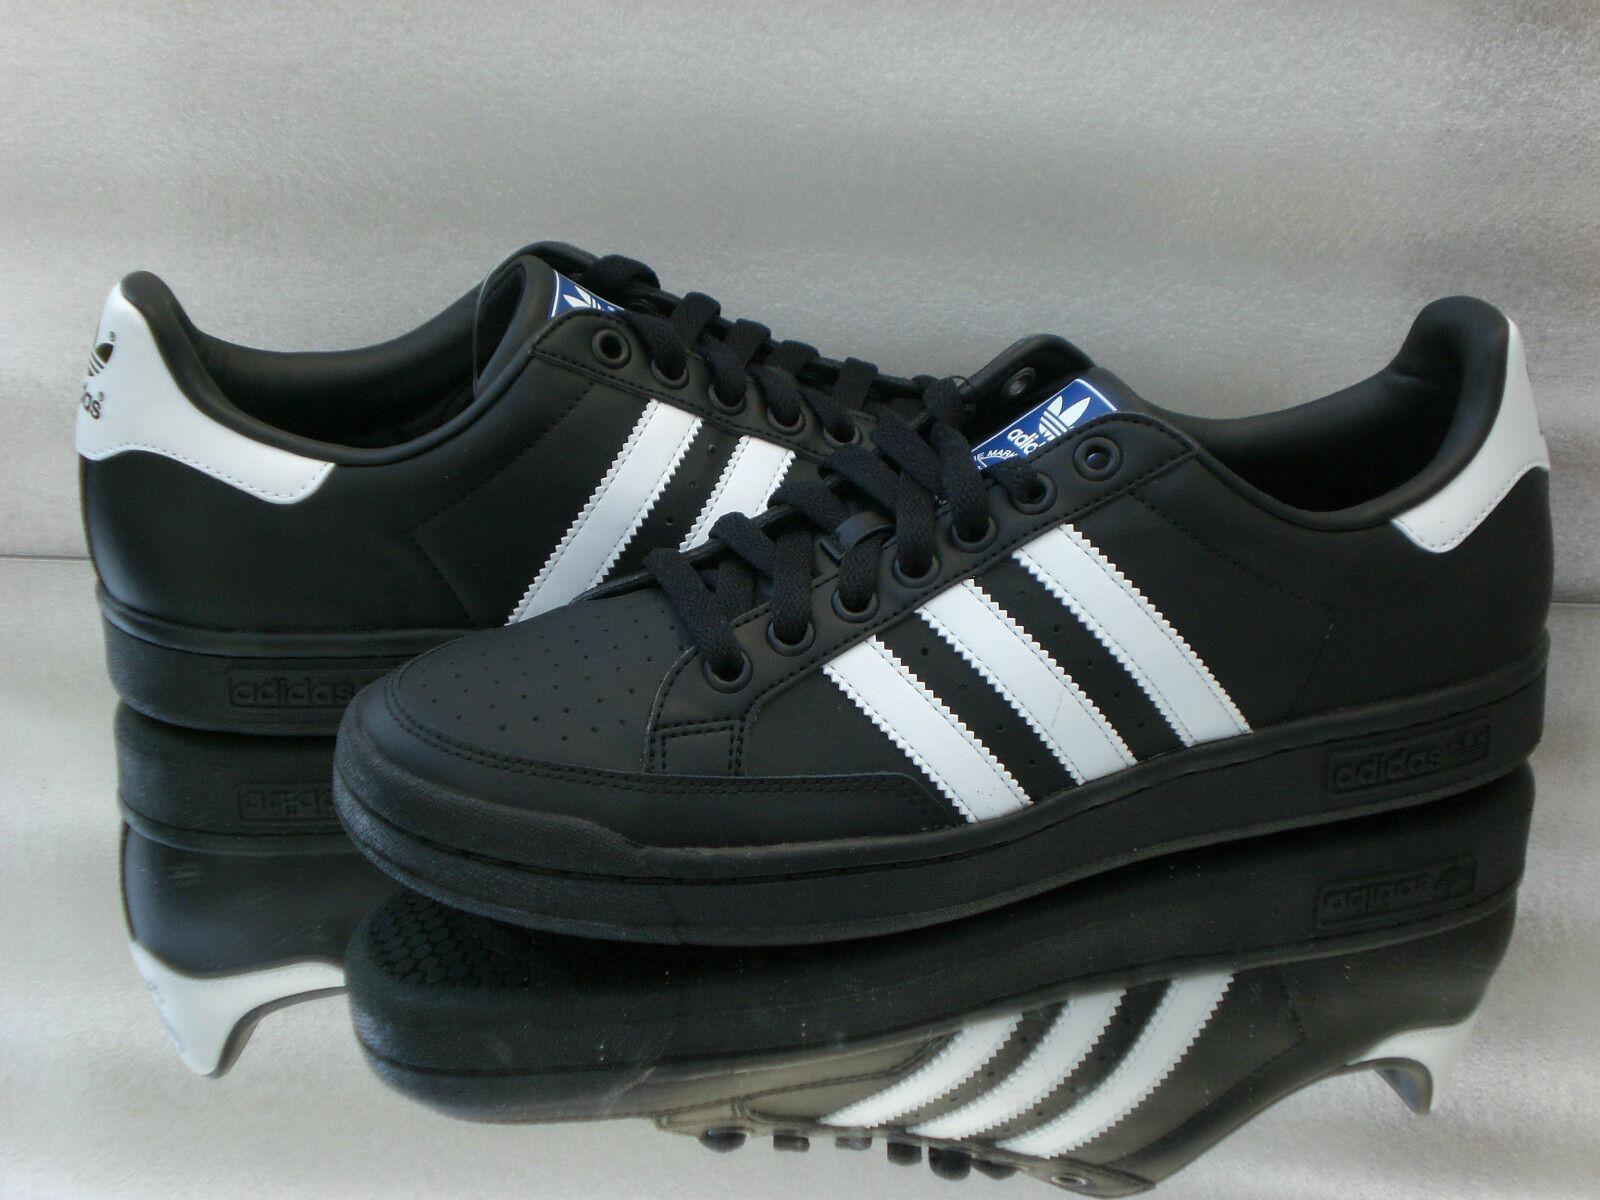 Adidas Originals tenis pro Hombre cañónzapatillas de deporte cortos Hombre pro Negro/Blanco q22930 nuevo 921ff6